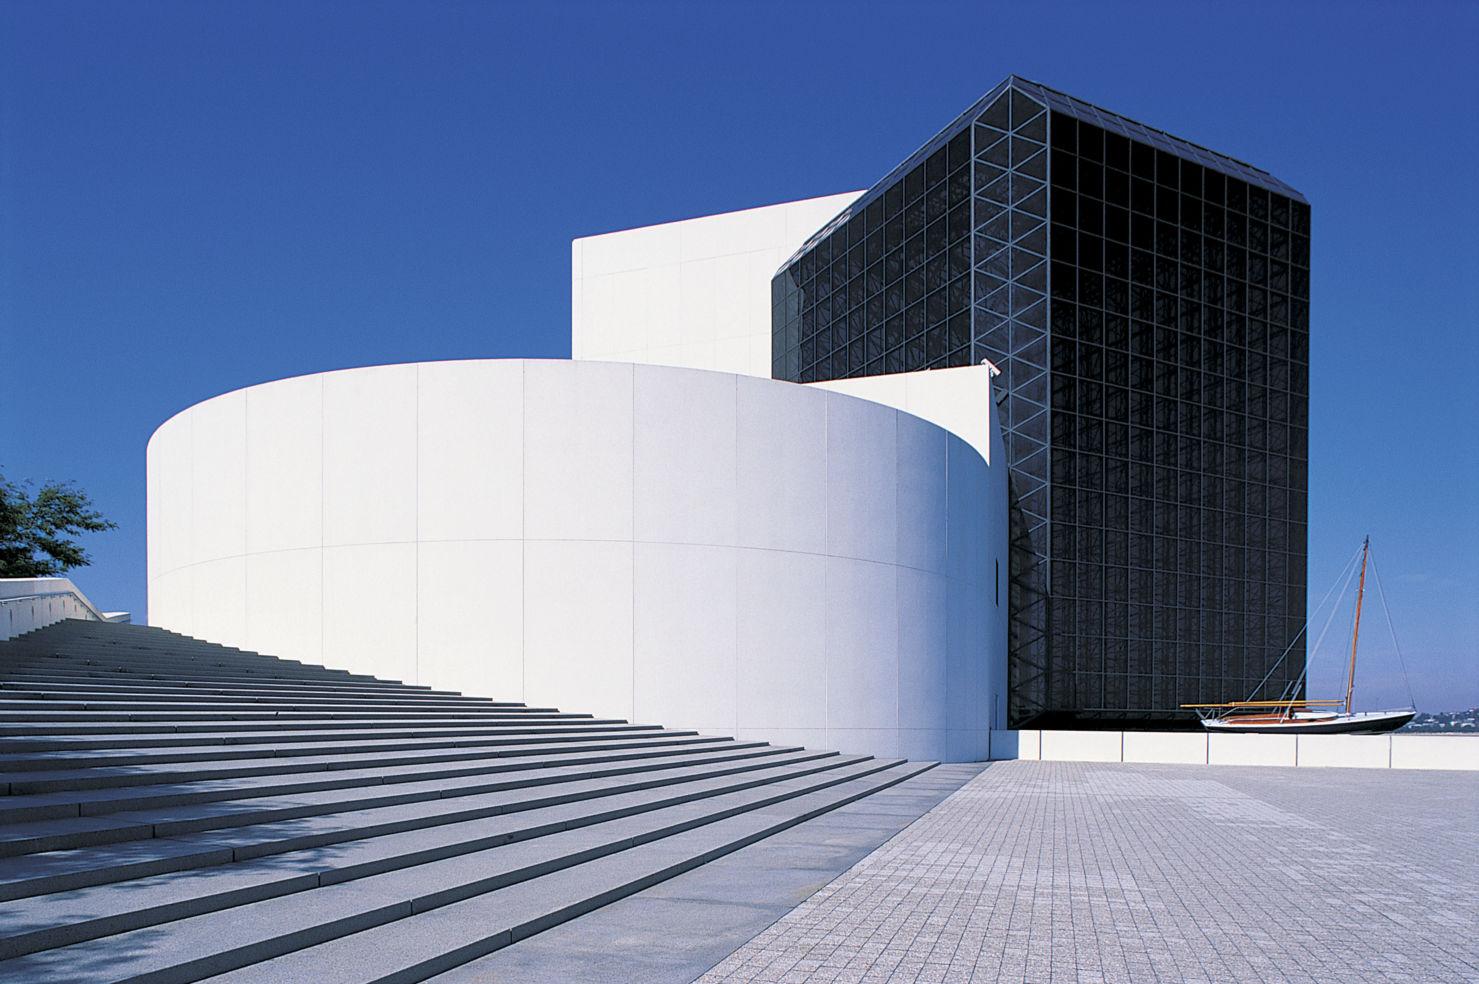 John F. Kennedy Presidential Library and Museum, JFK, Boston, Massachusetts